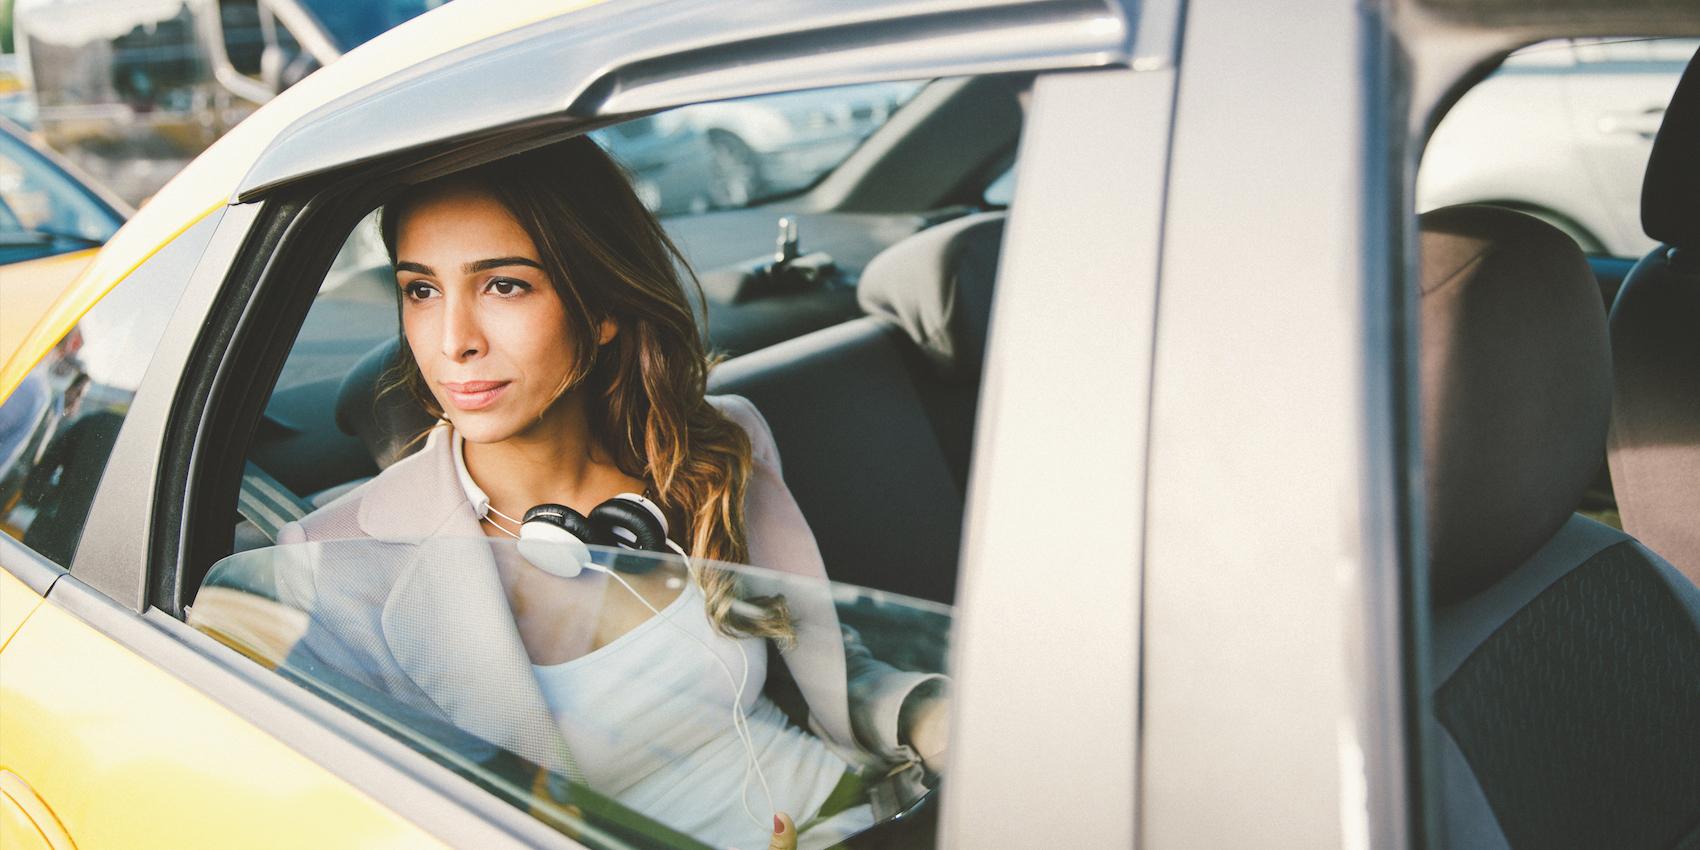 Sicherheit für Frauen auf Geschäftsreisen